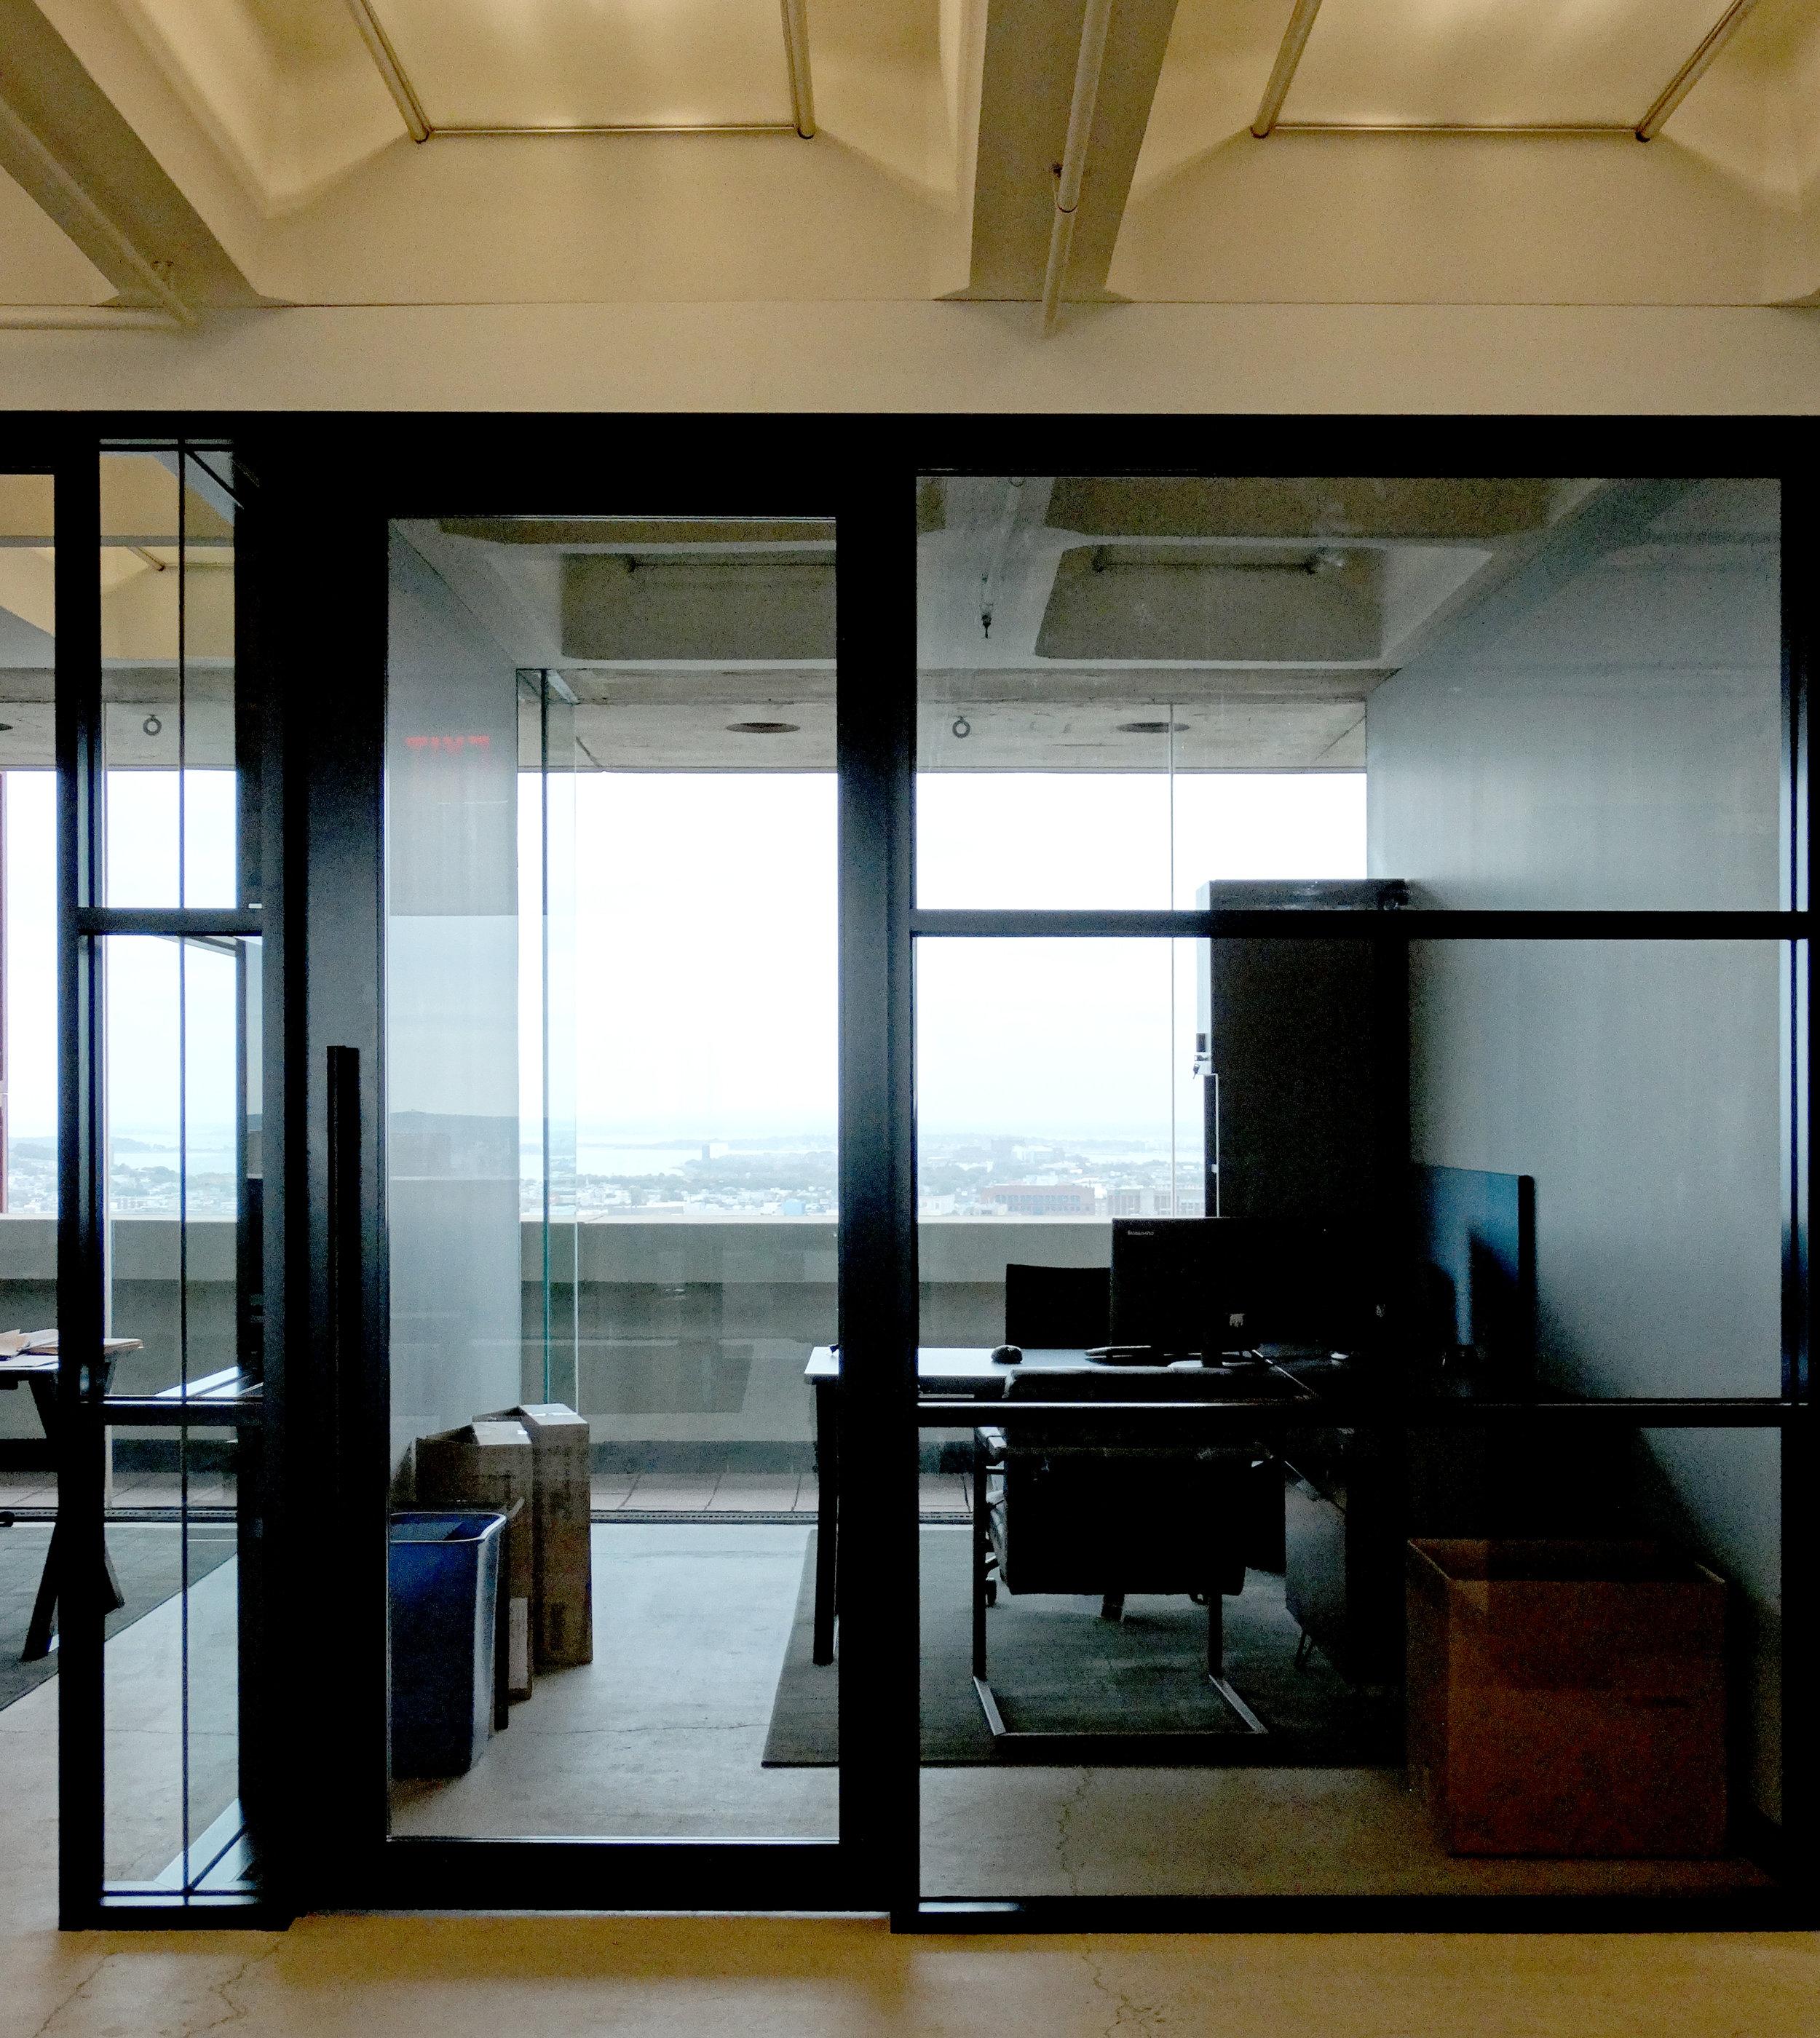 Encase Black Aluminum Framed Office Front Mullion Wall - Spaceworks AI.JPG